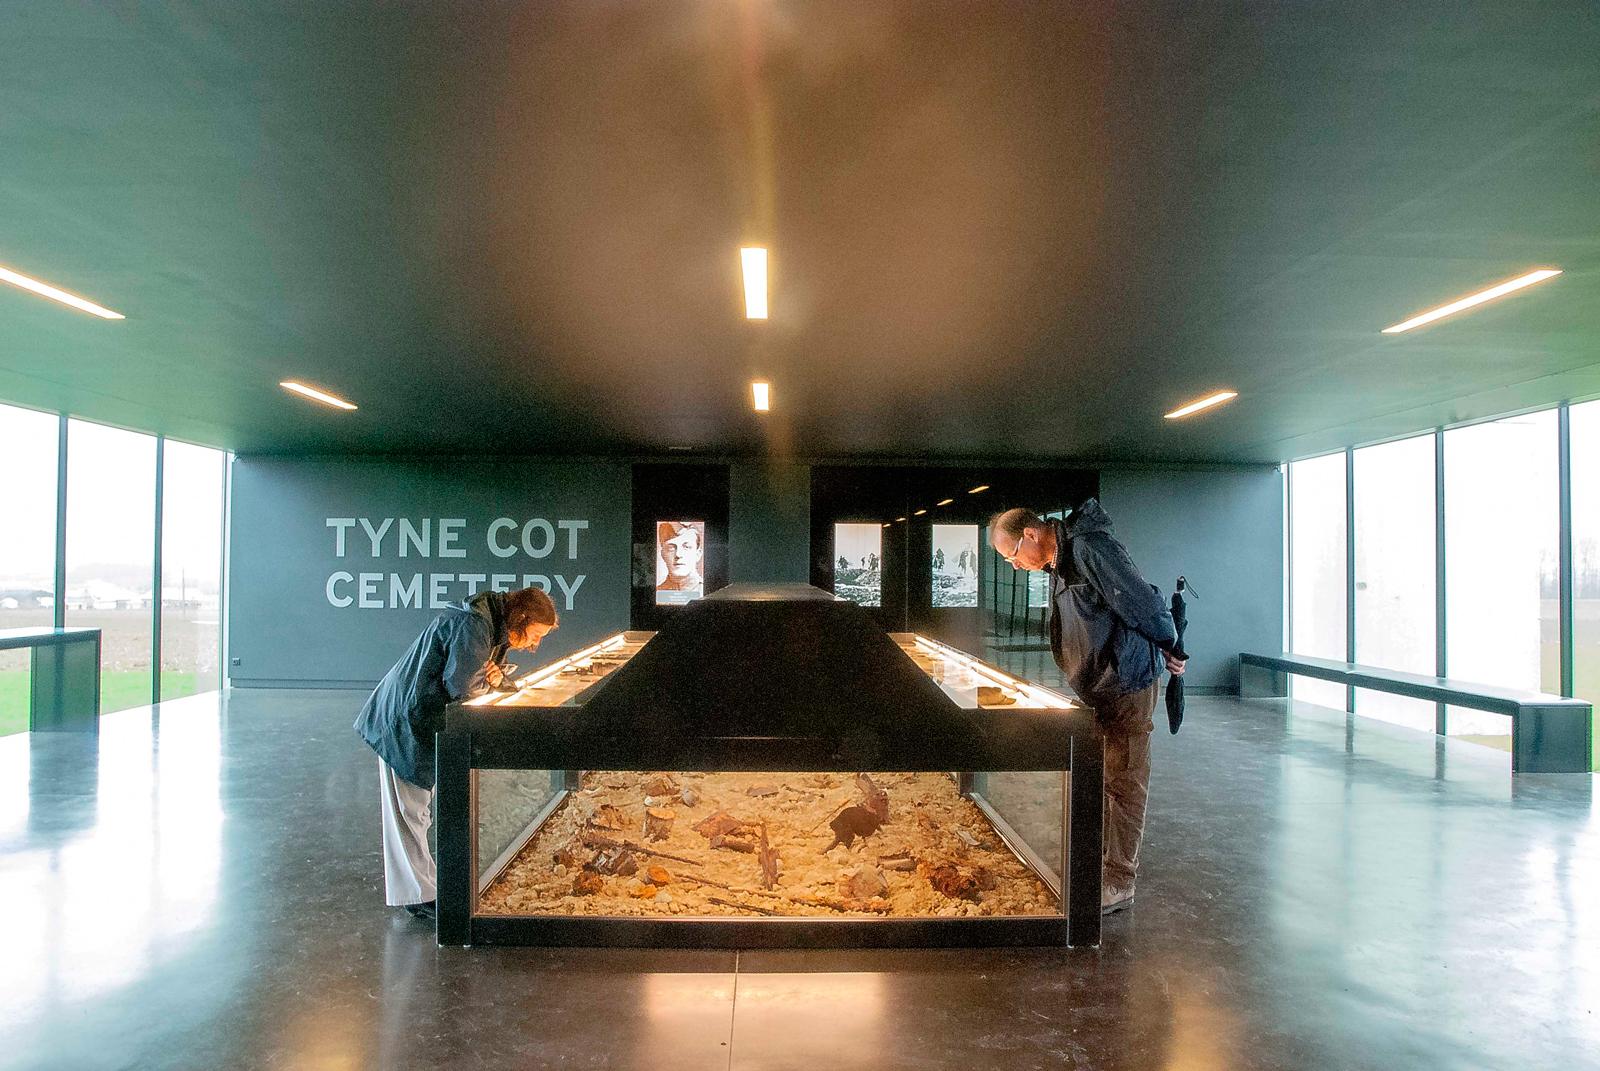 jan-tyne-cot-cemtry-1600-